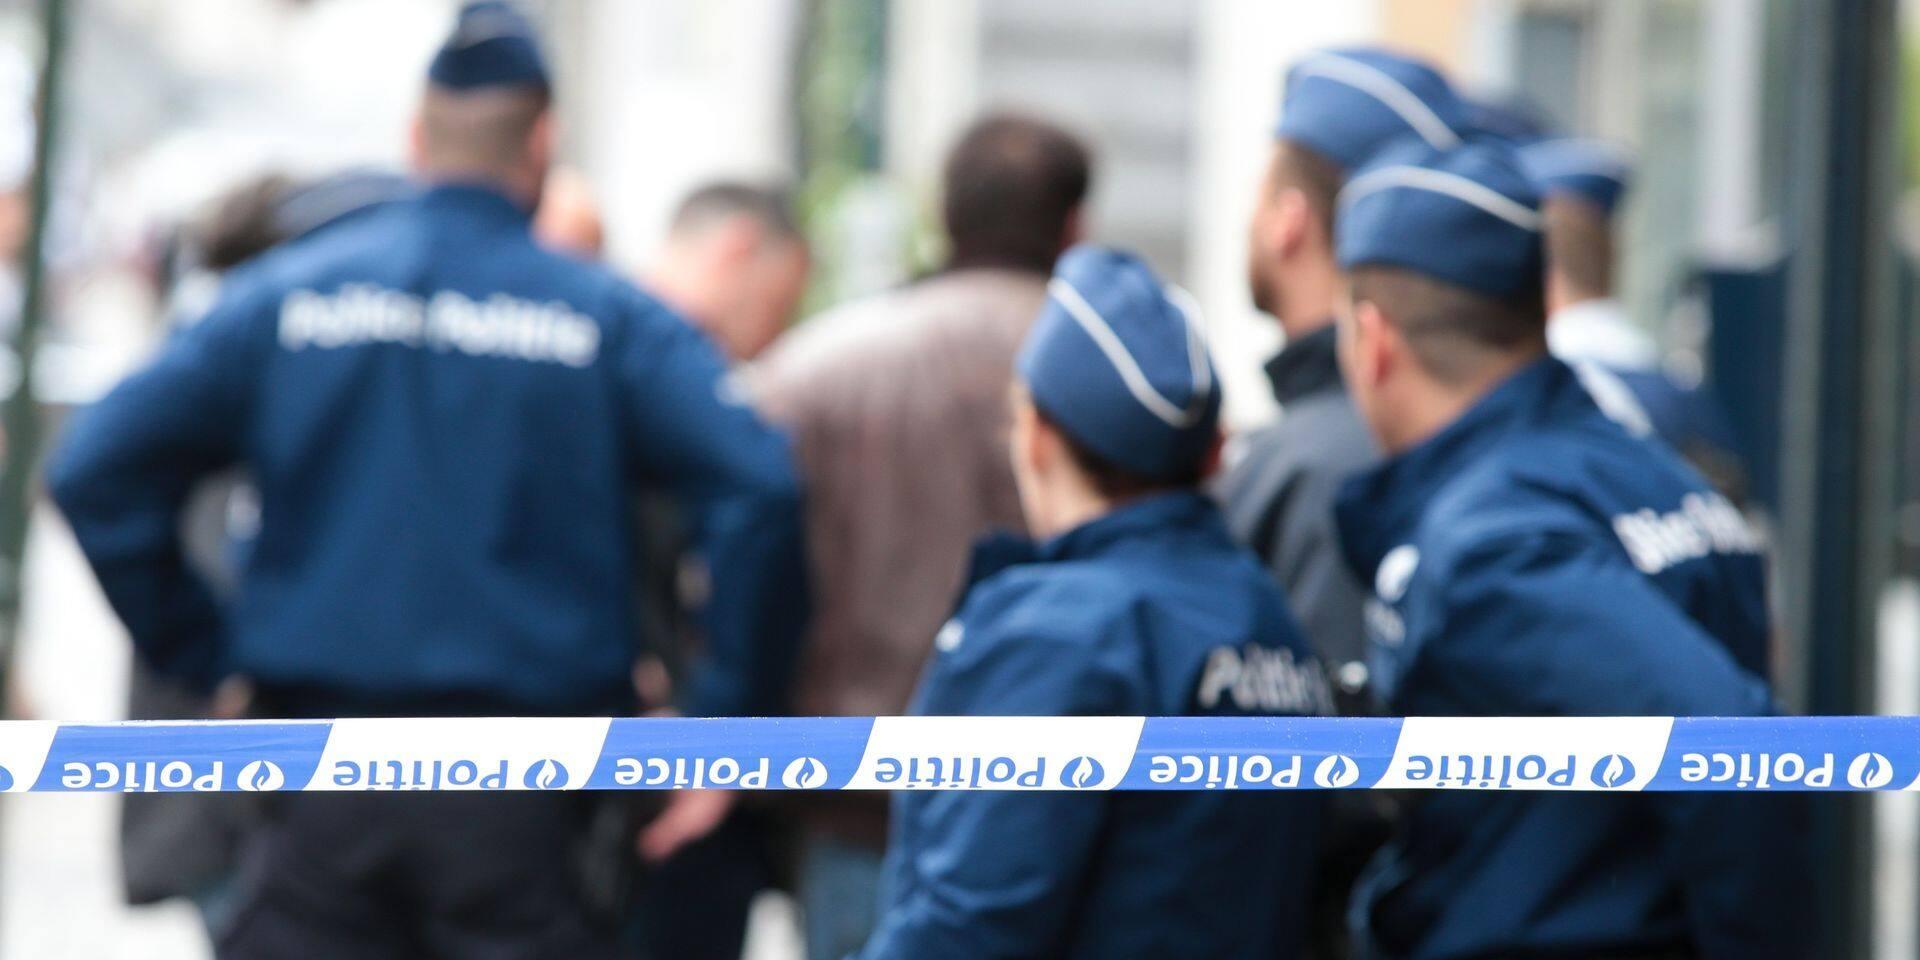 Un magasin Action à Schaerbeek fermé pendant 24 heures pour infraction aux règles Covid-19